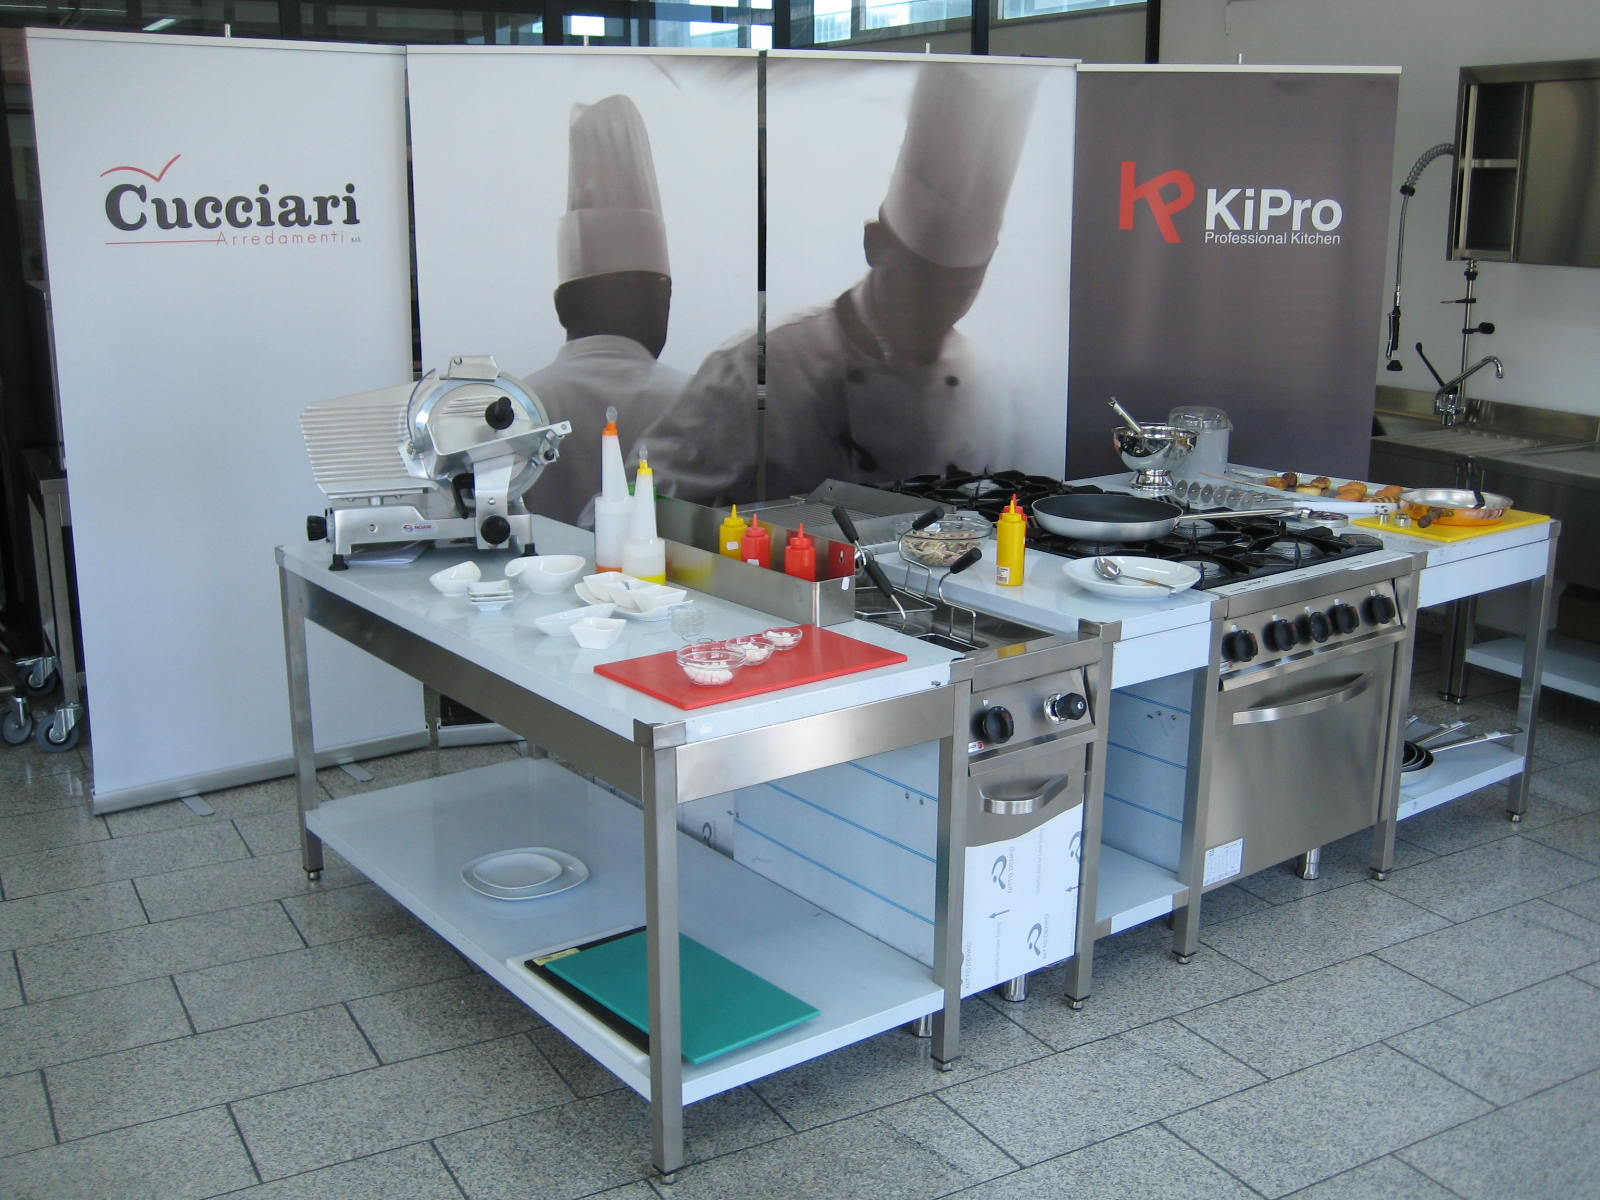 Progettazione e vendita attrezzature e arredamenti cucine professionali Sardegna